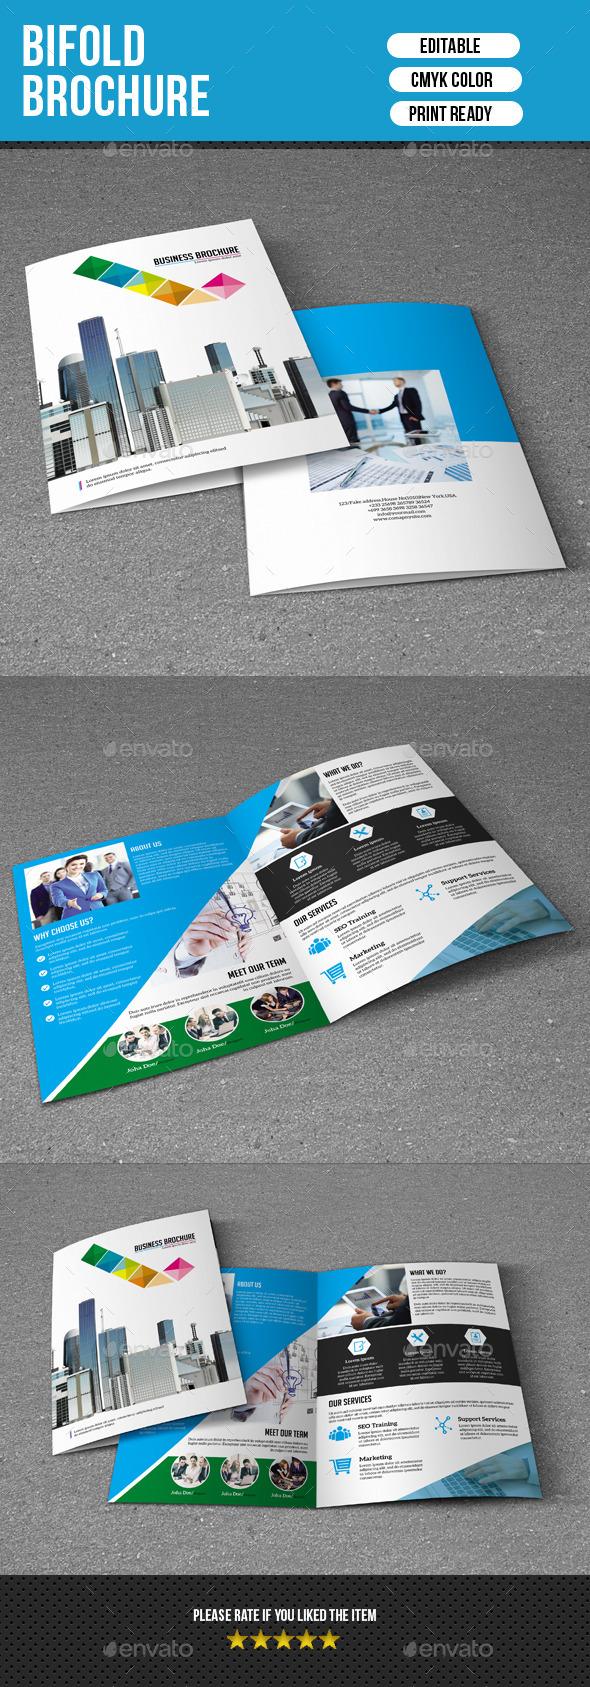 Corporate Bifold Brochure-V176 - Corporate Brochures